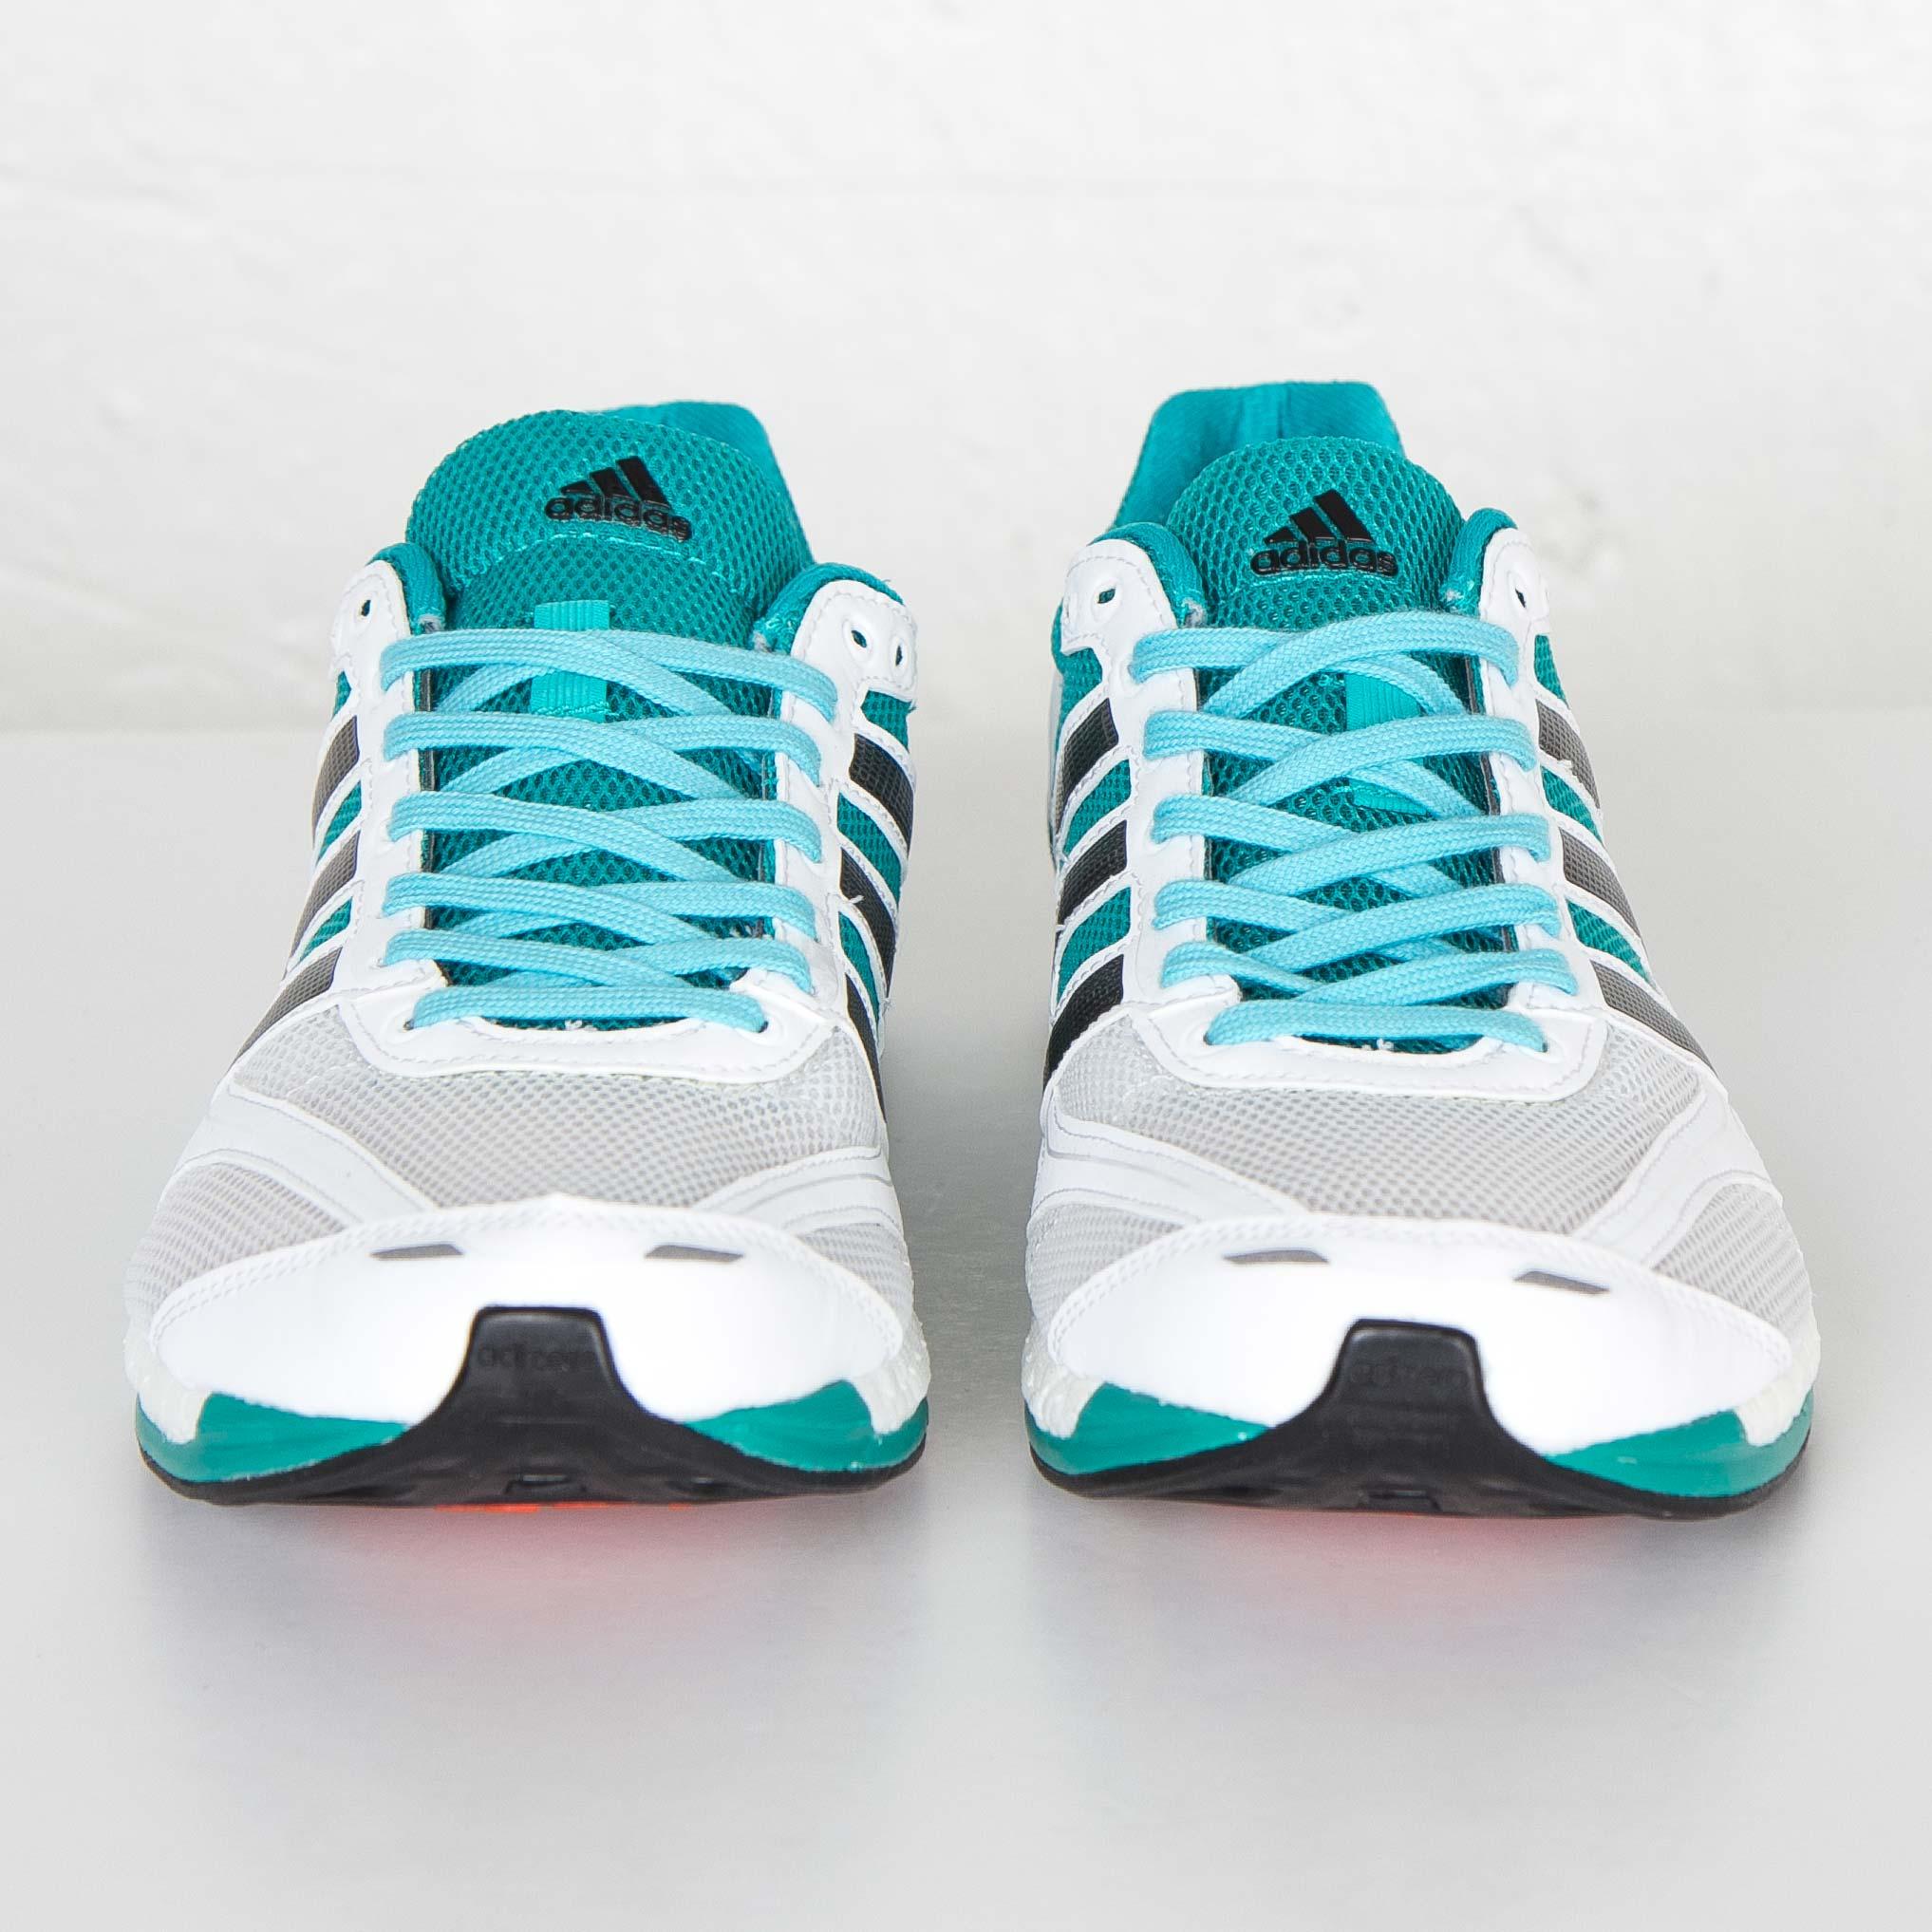 semestre Brisa Mala fe  adidas Adizero Takumi Ren 3 - Af4042 - Sneakersnstuff | sneakers &  streetwear online since 1999